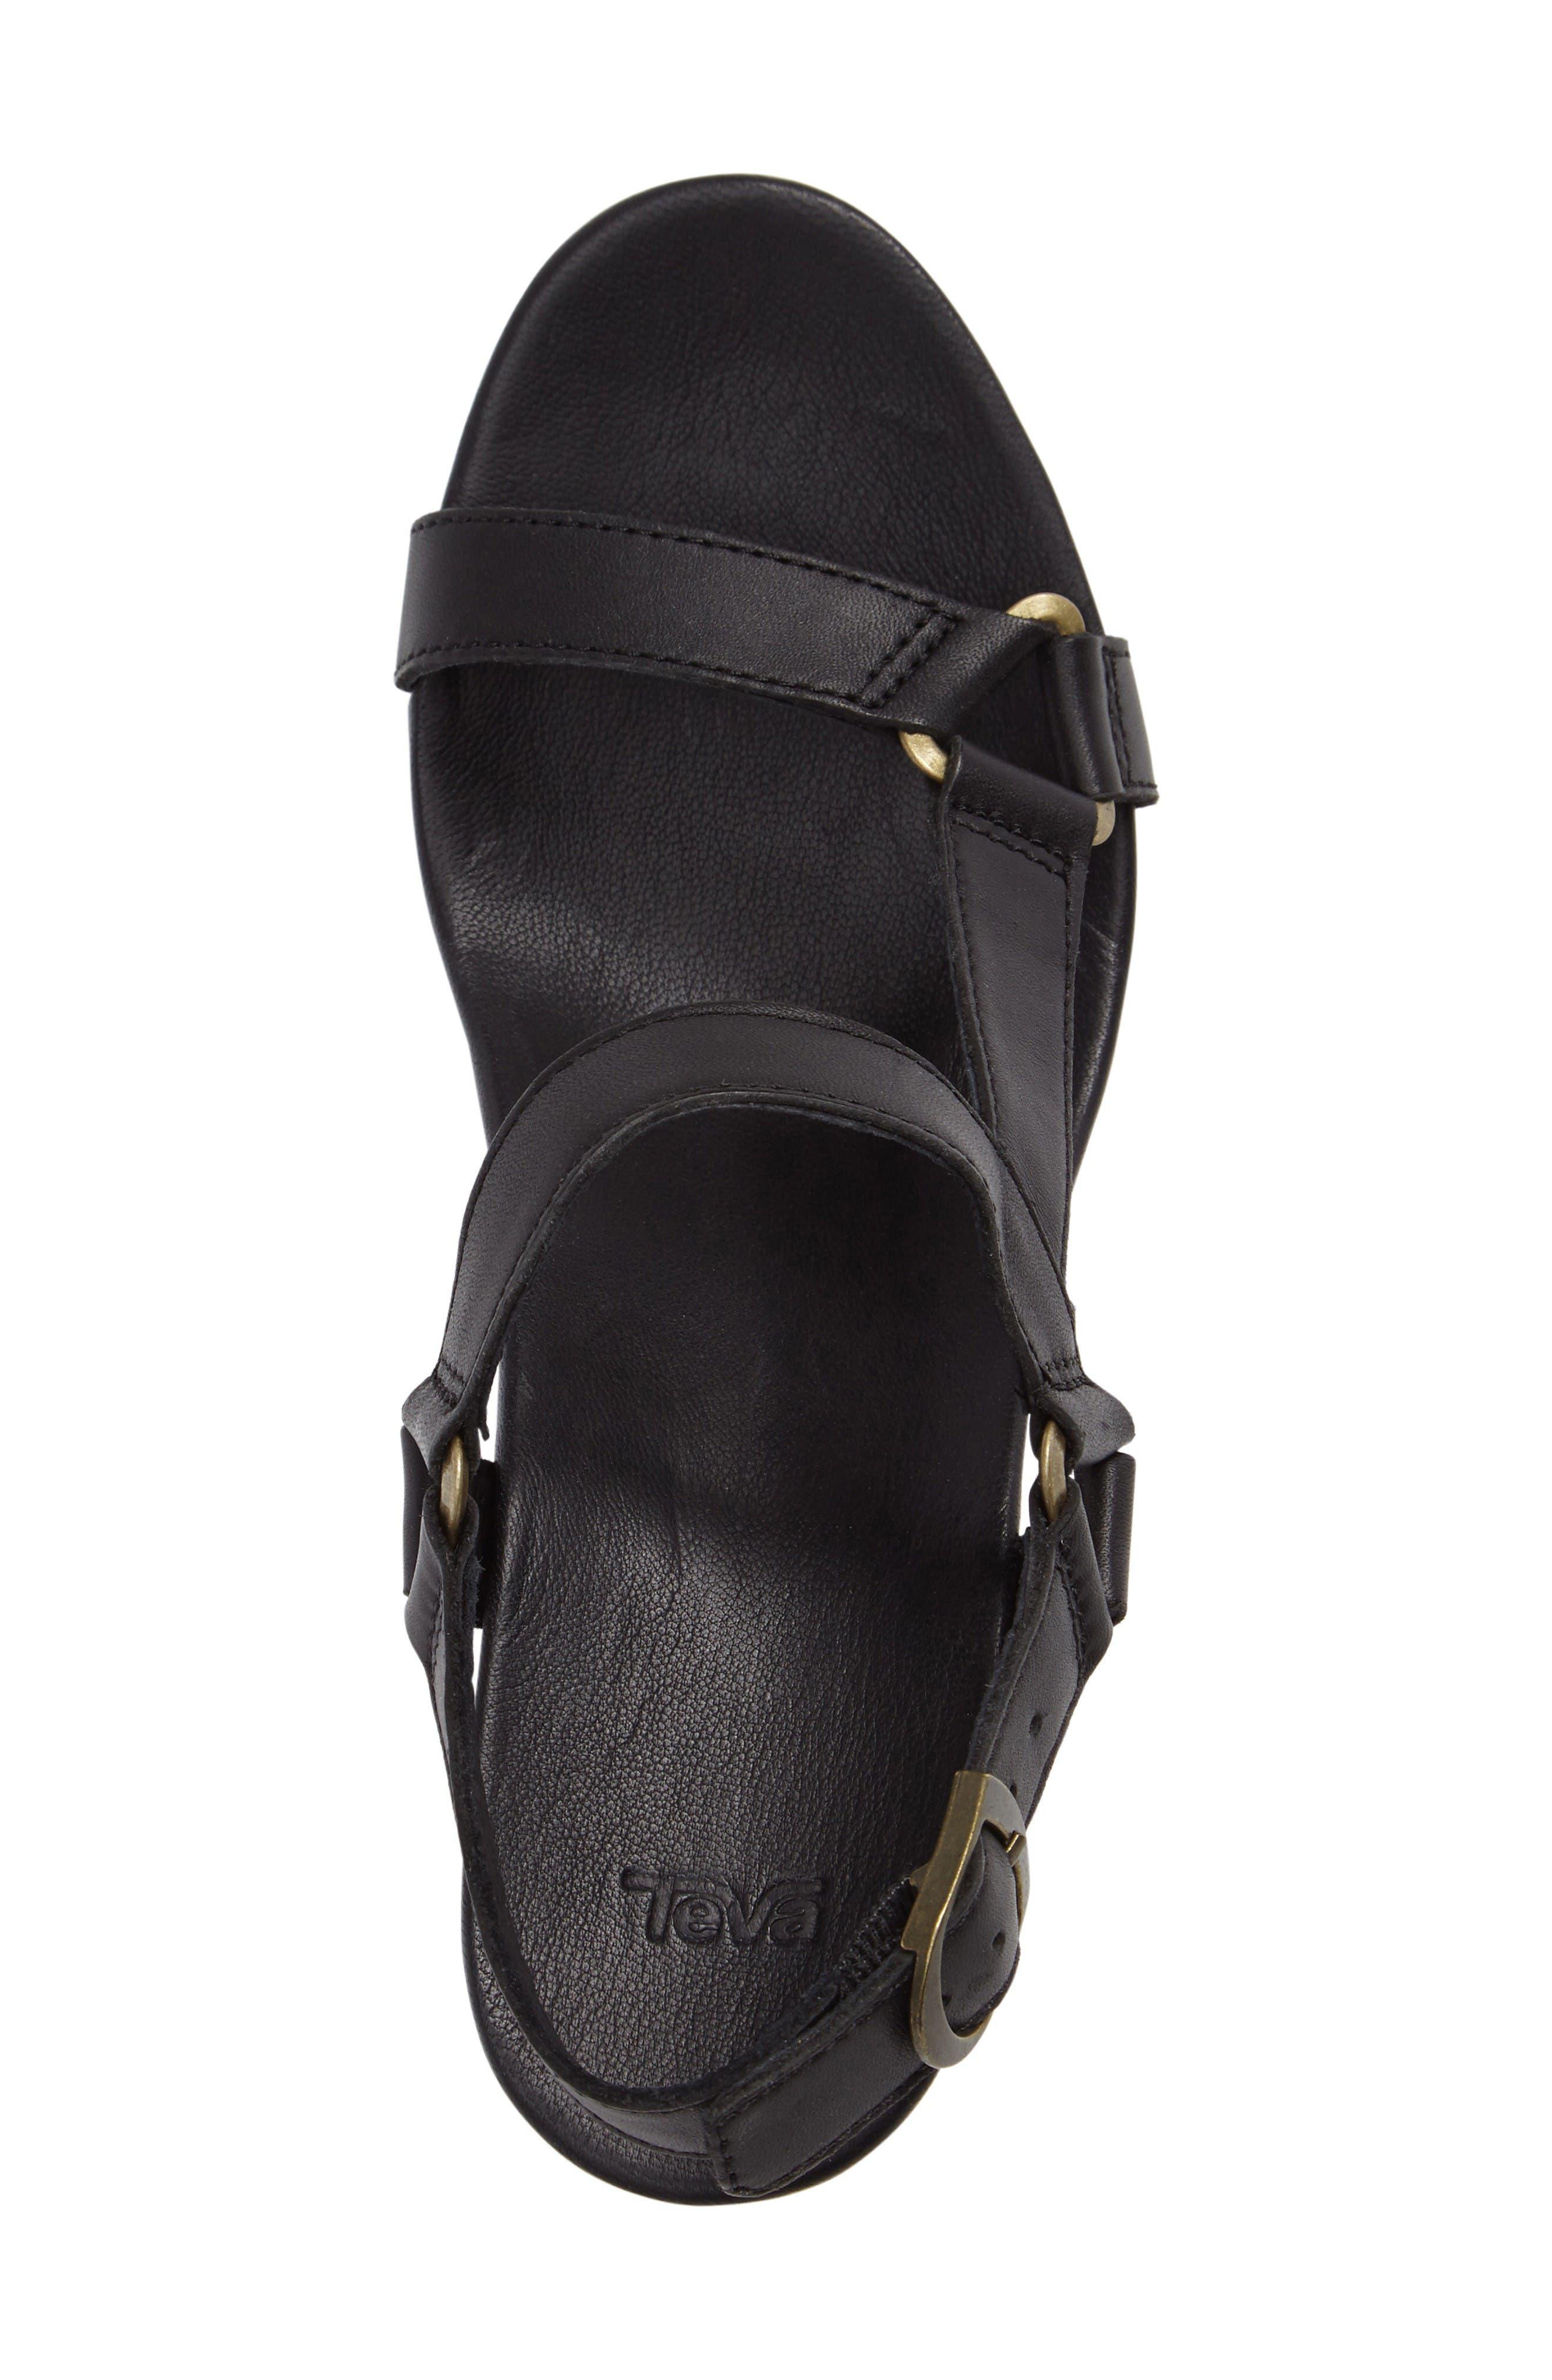 Alternate Image 3  - Teva Arrabelle Wedge Sandal (Women)